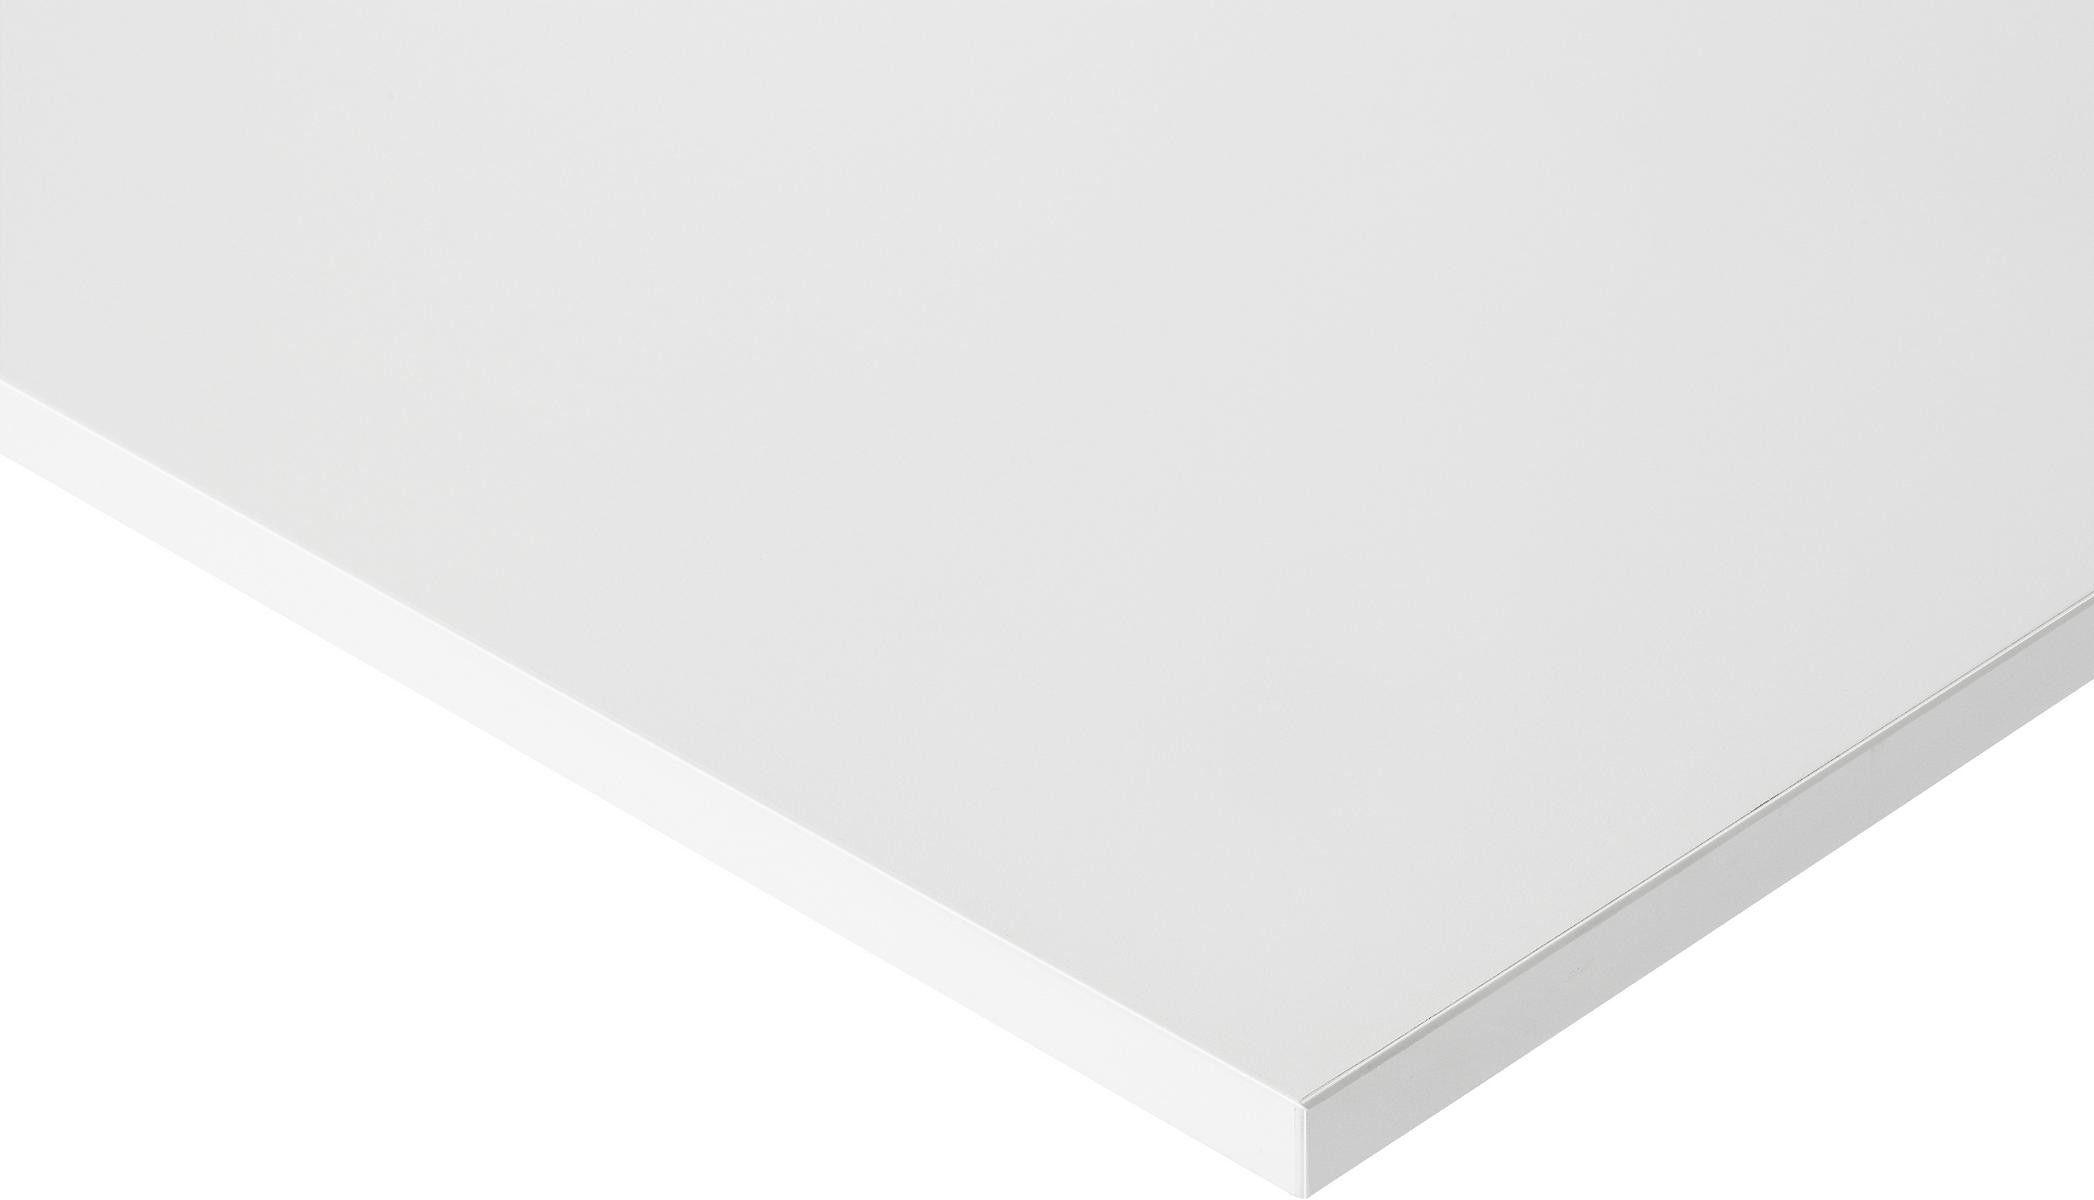 Egb Arbeitsplatte Mit Melaminharzbeschichtung Volumenleitfahig 1500x800x28mm In 2020 Mit Bildern Arbeitsplatte Arbeit Spanplatte